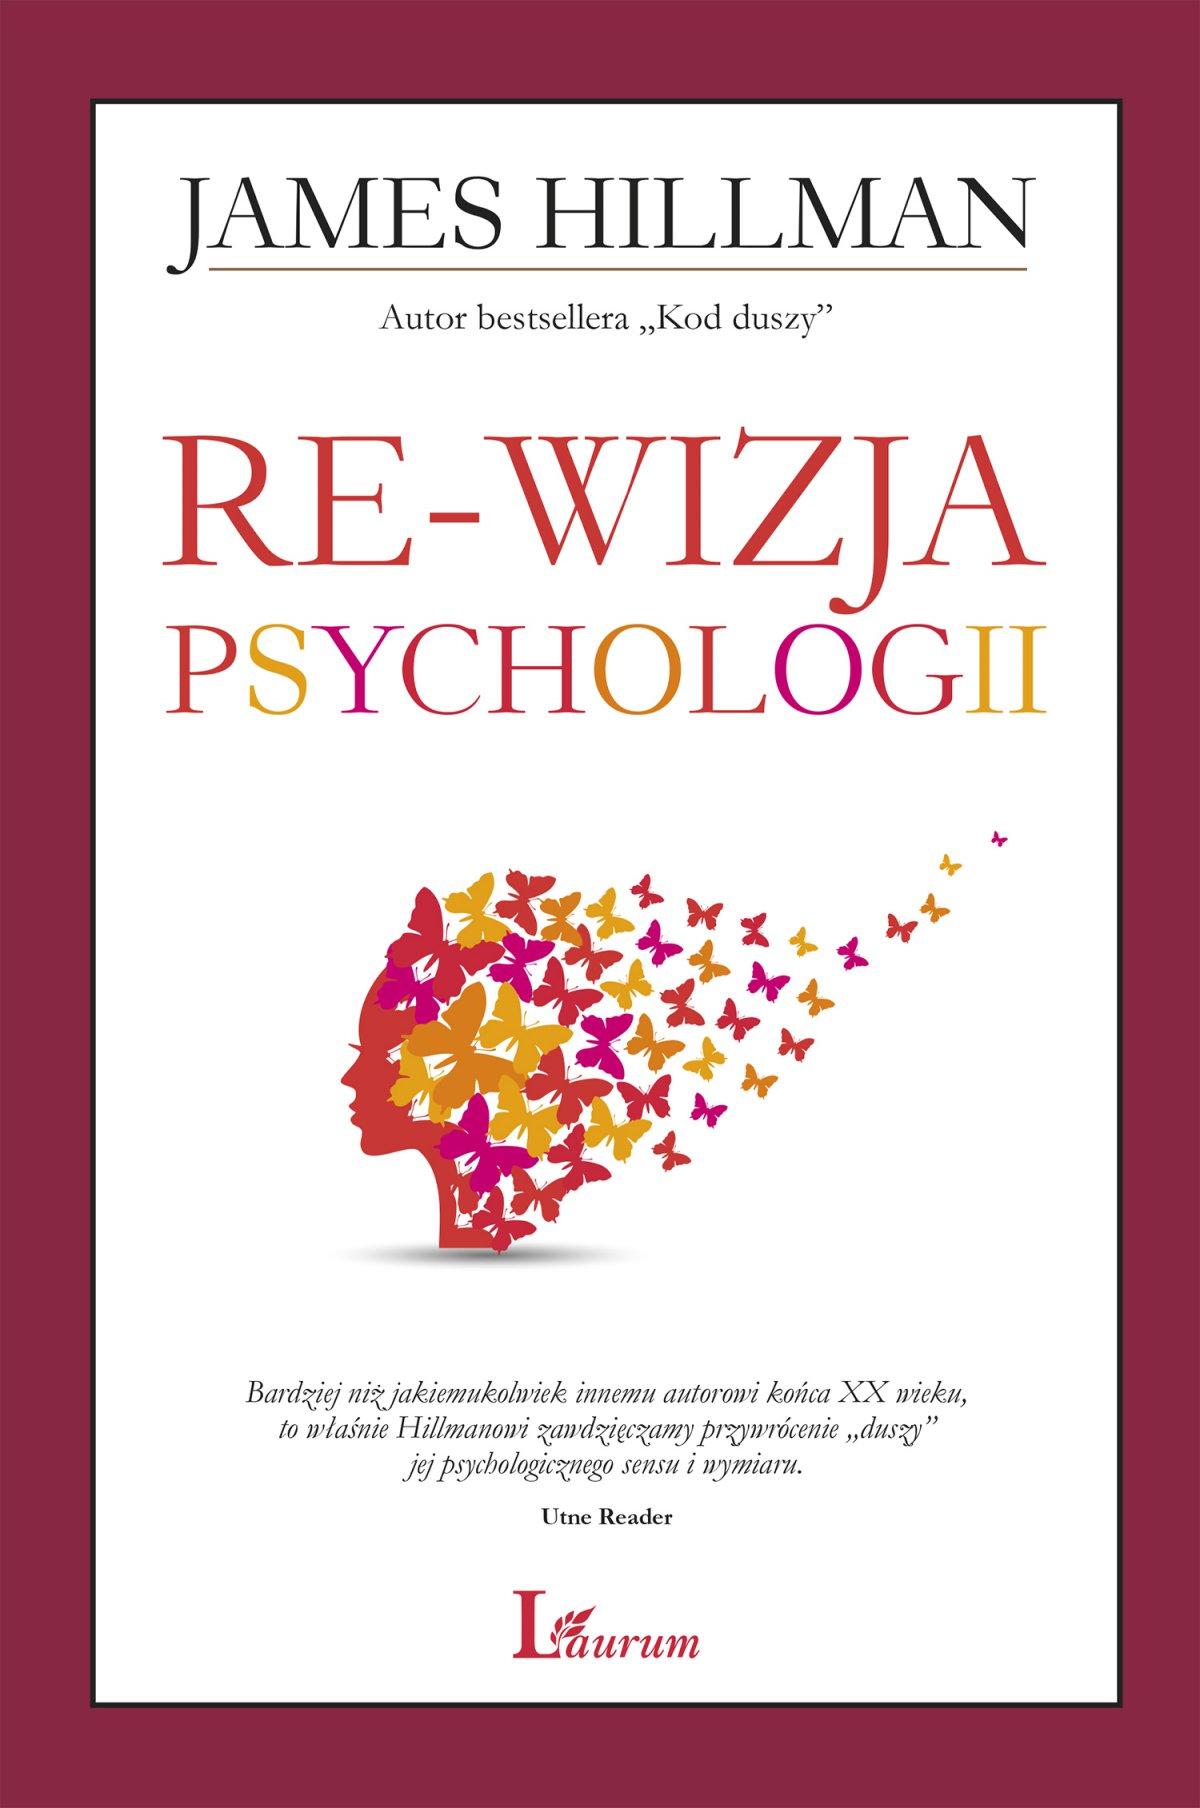 Re-wizja psychologii - Ebook (Książka EPUB) do pobrania w formacie EPUB